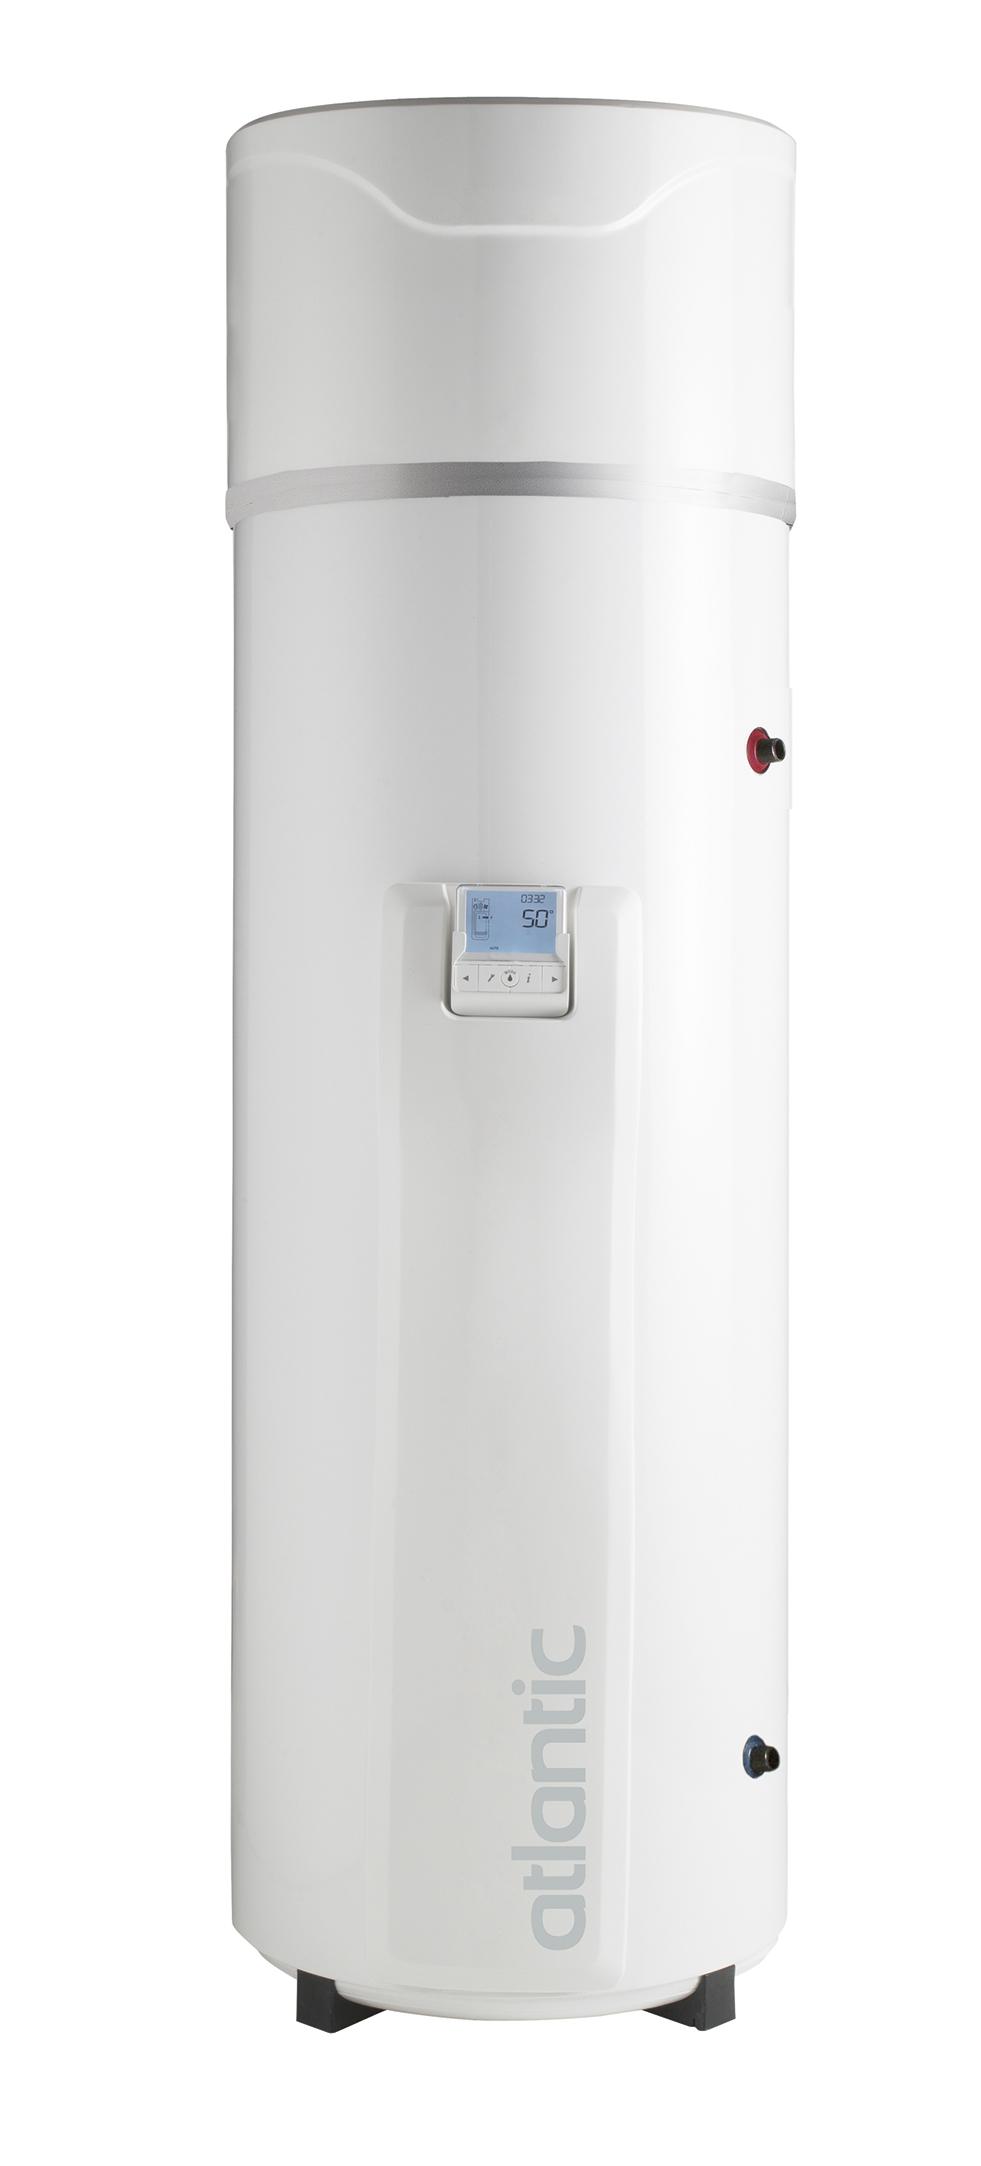 Linea Explorer di Atlantic, i bollitori per acqua calda sanitaria equipaggiati con pompa di calore.